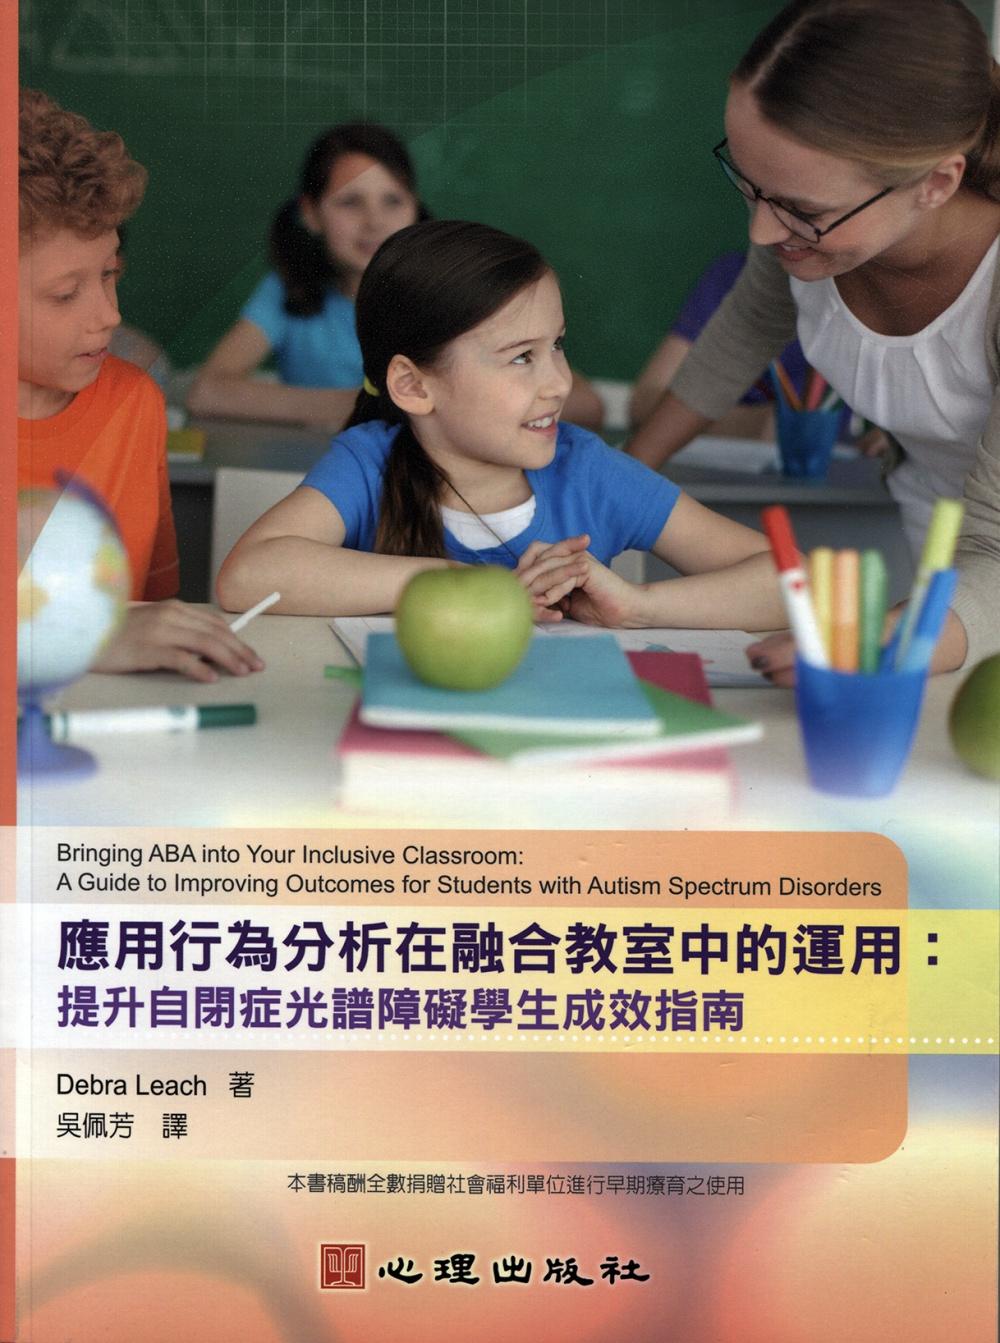 應用行為分析在融合教室中的運用:提升自閉症光譜障礙學生成效指南